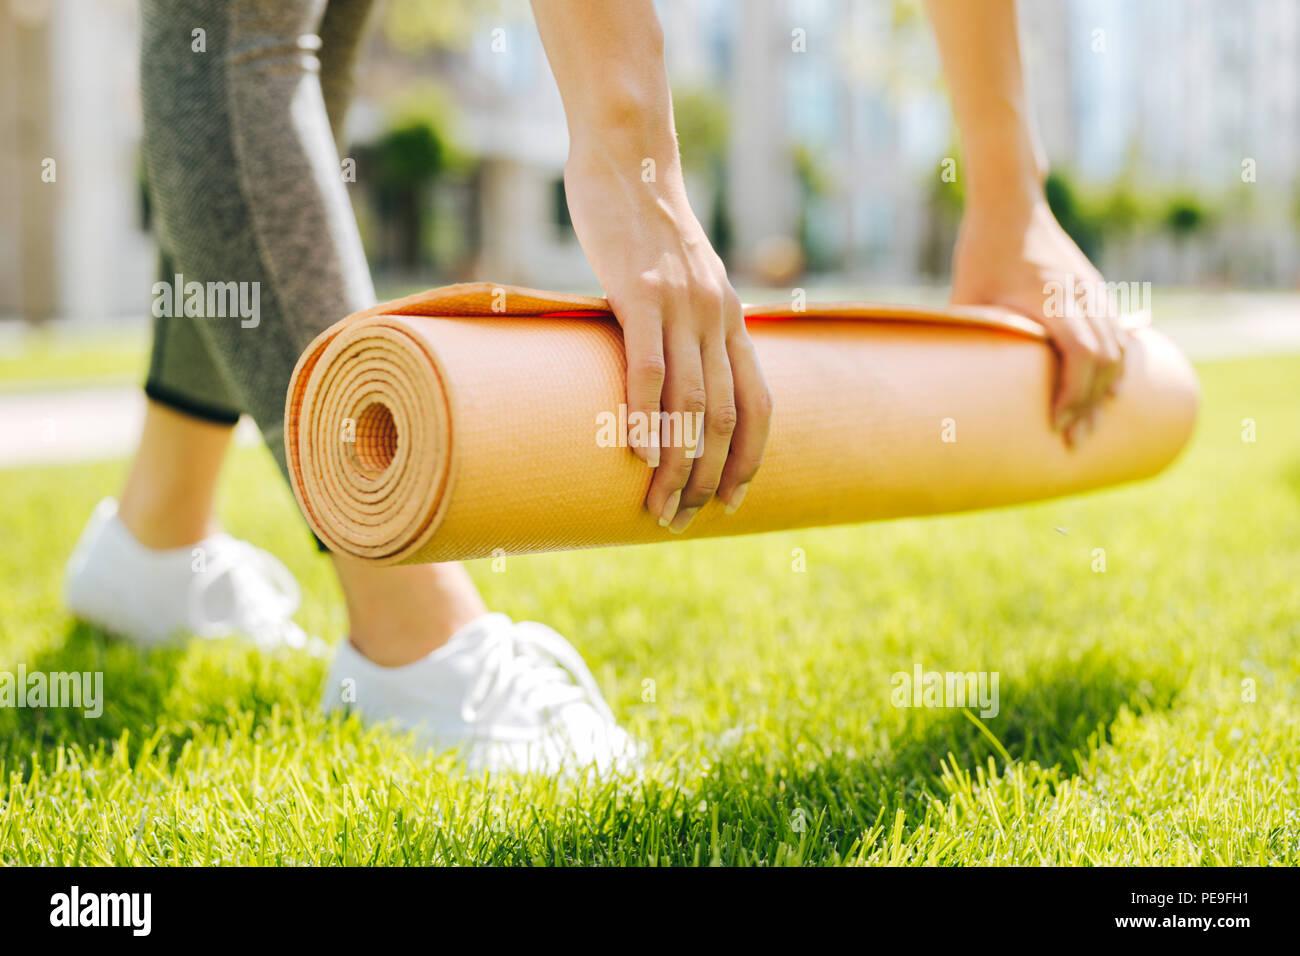 Tapis de Yoga d'être mis sur l'herbe Photo Stock